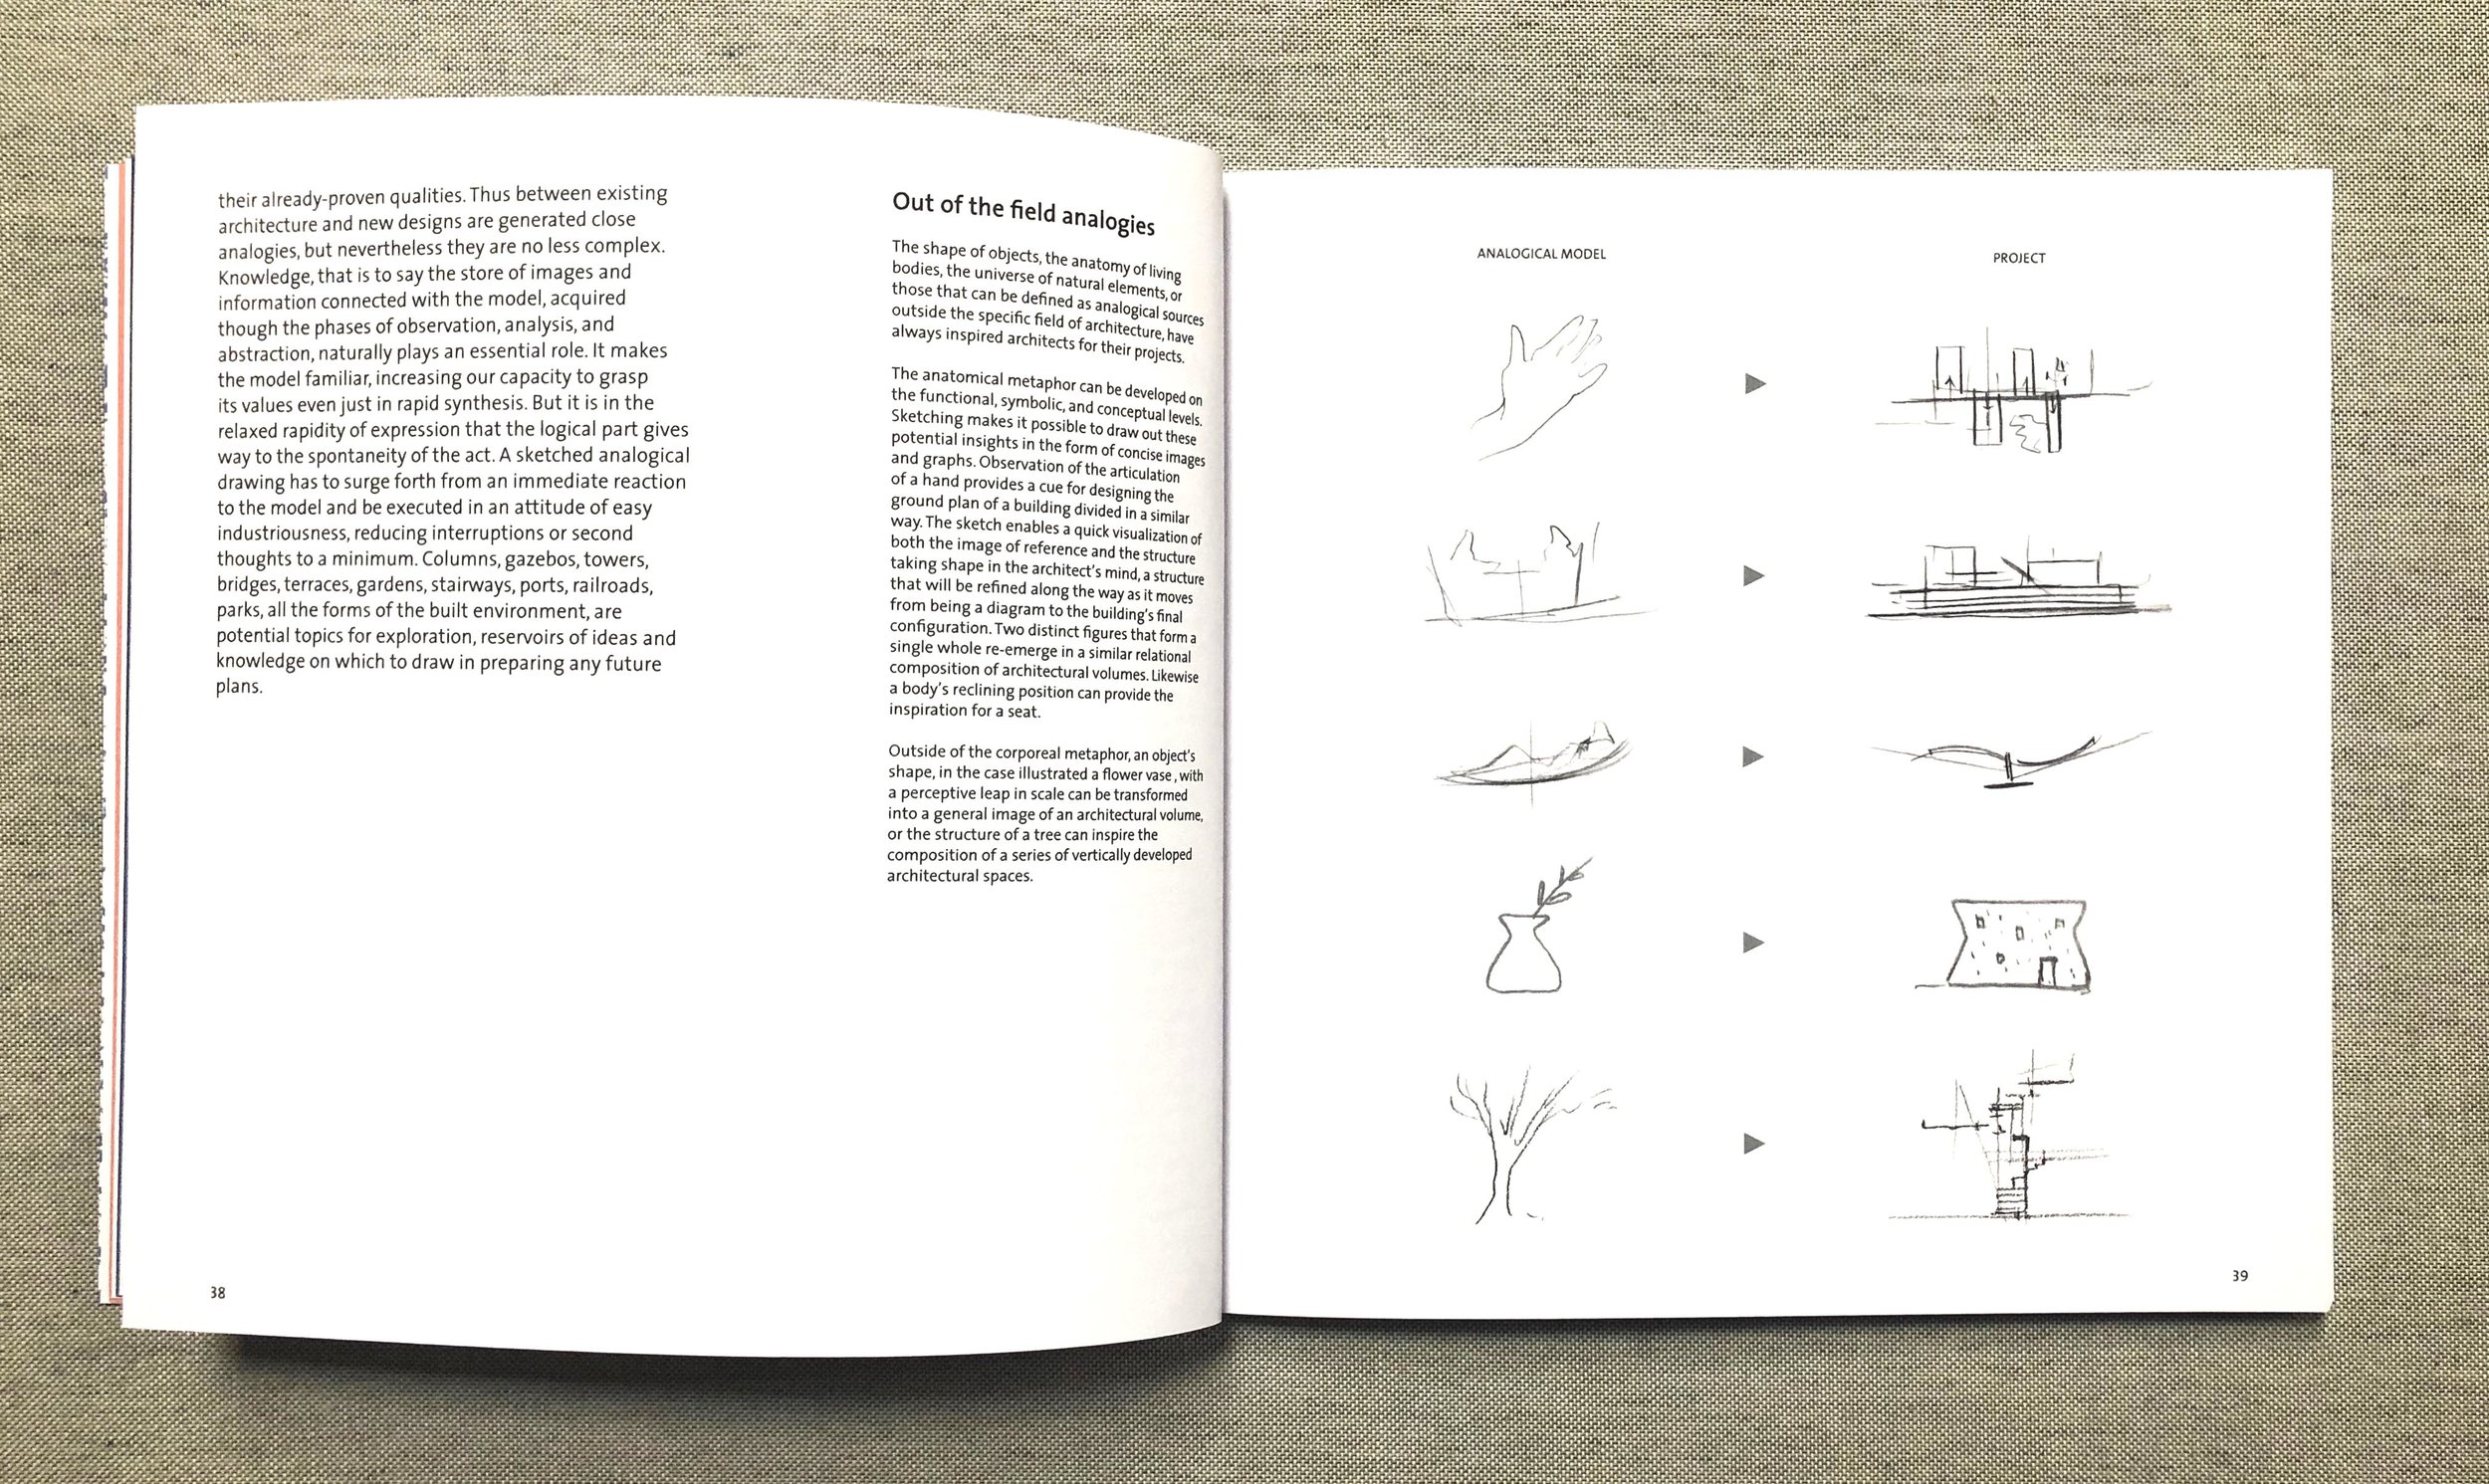 BOOK_Drawing Analogies_spread_10.jpg